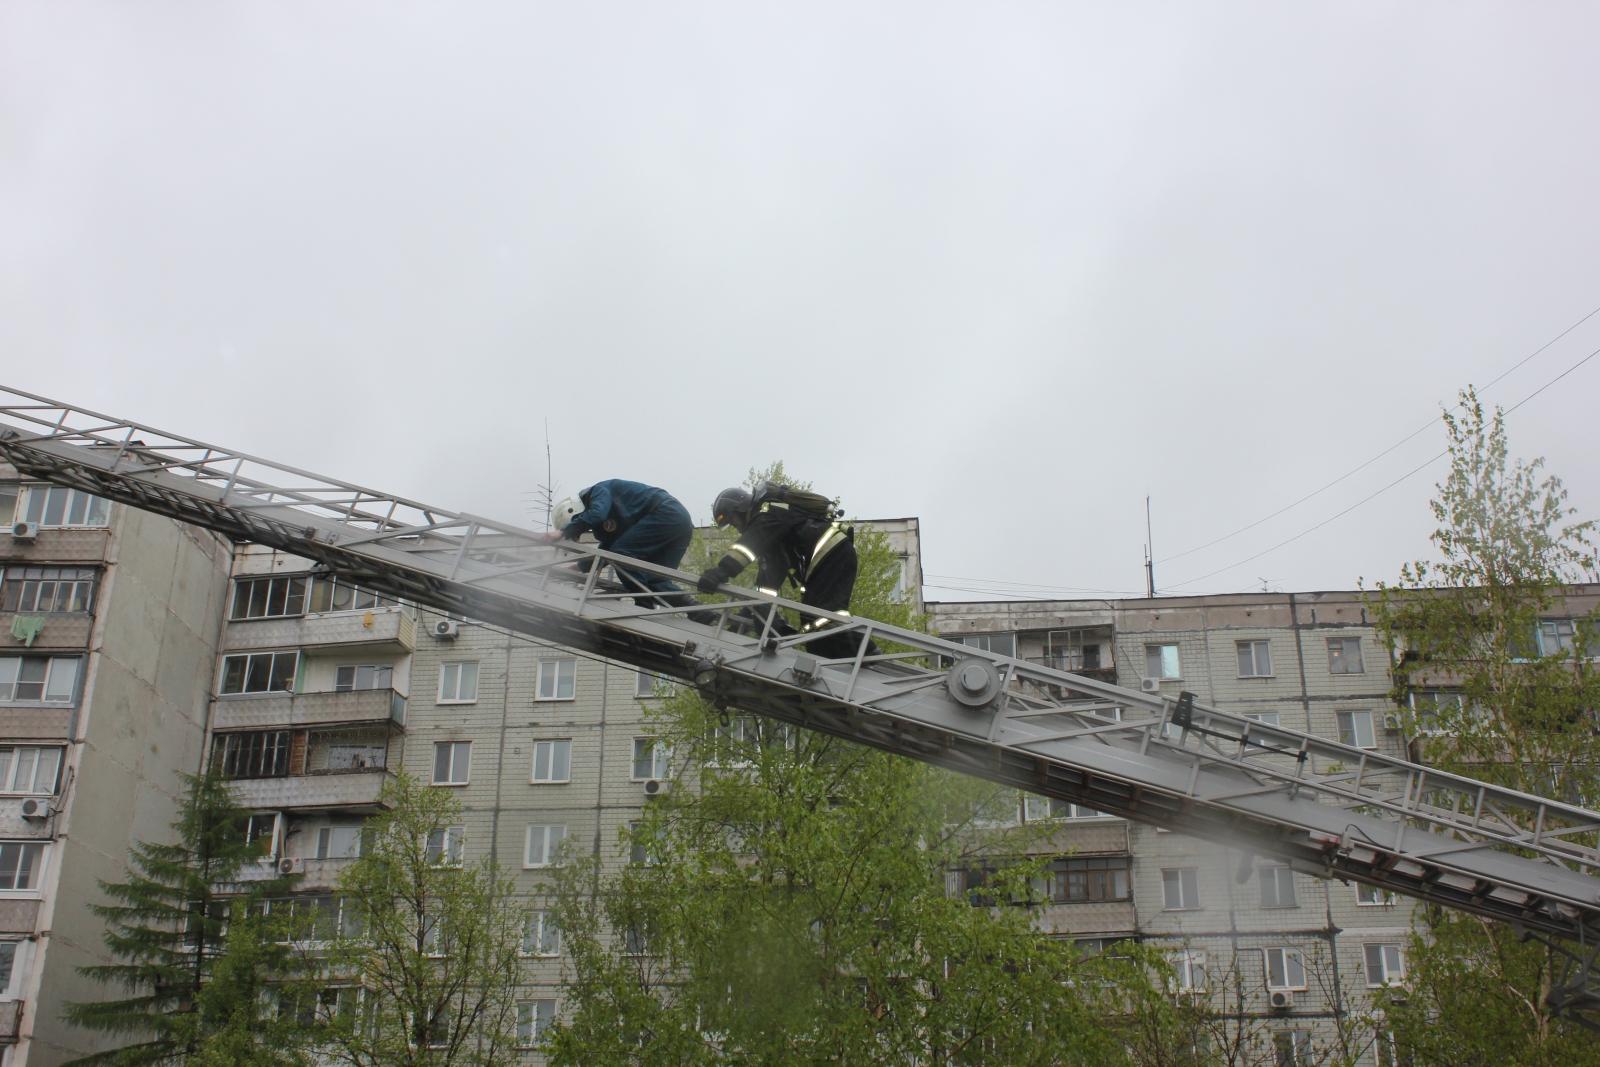 Соревнования среди подразделений гарнизона г. Хабаровска по тушению пожаров и спасению людей в высотных зданиях